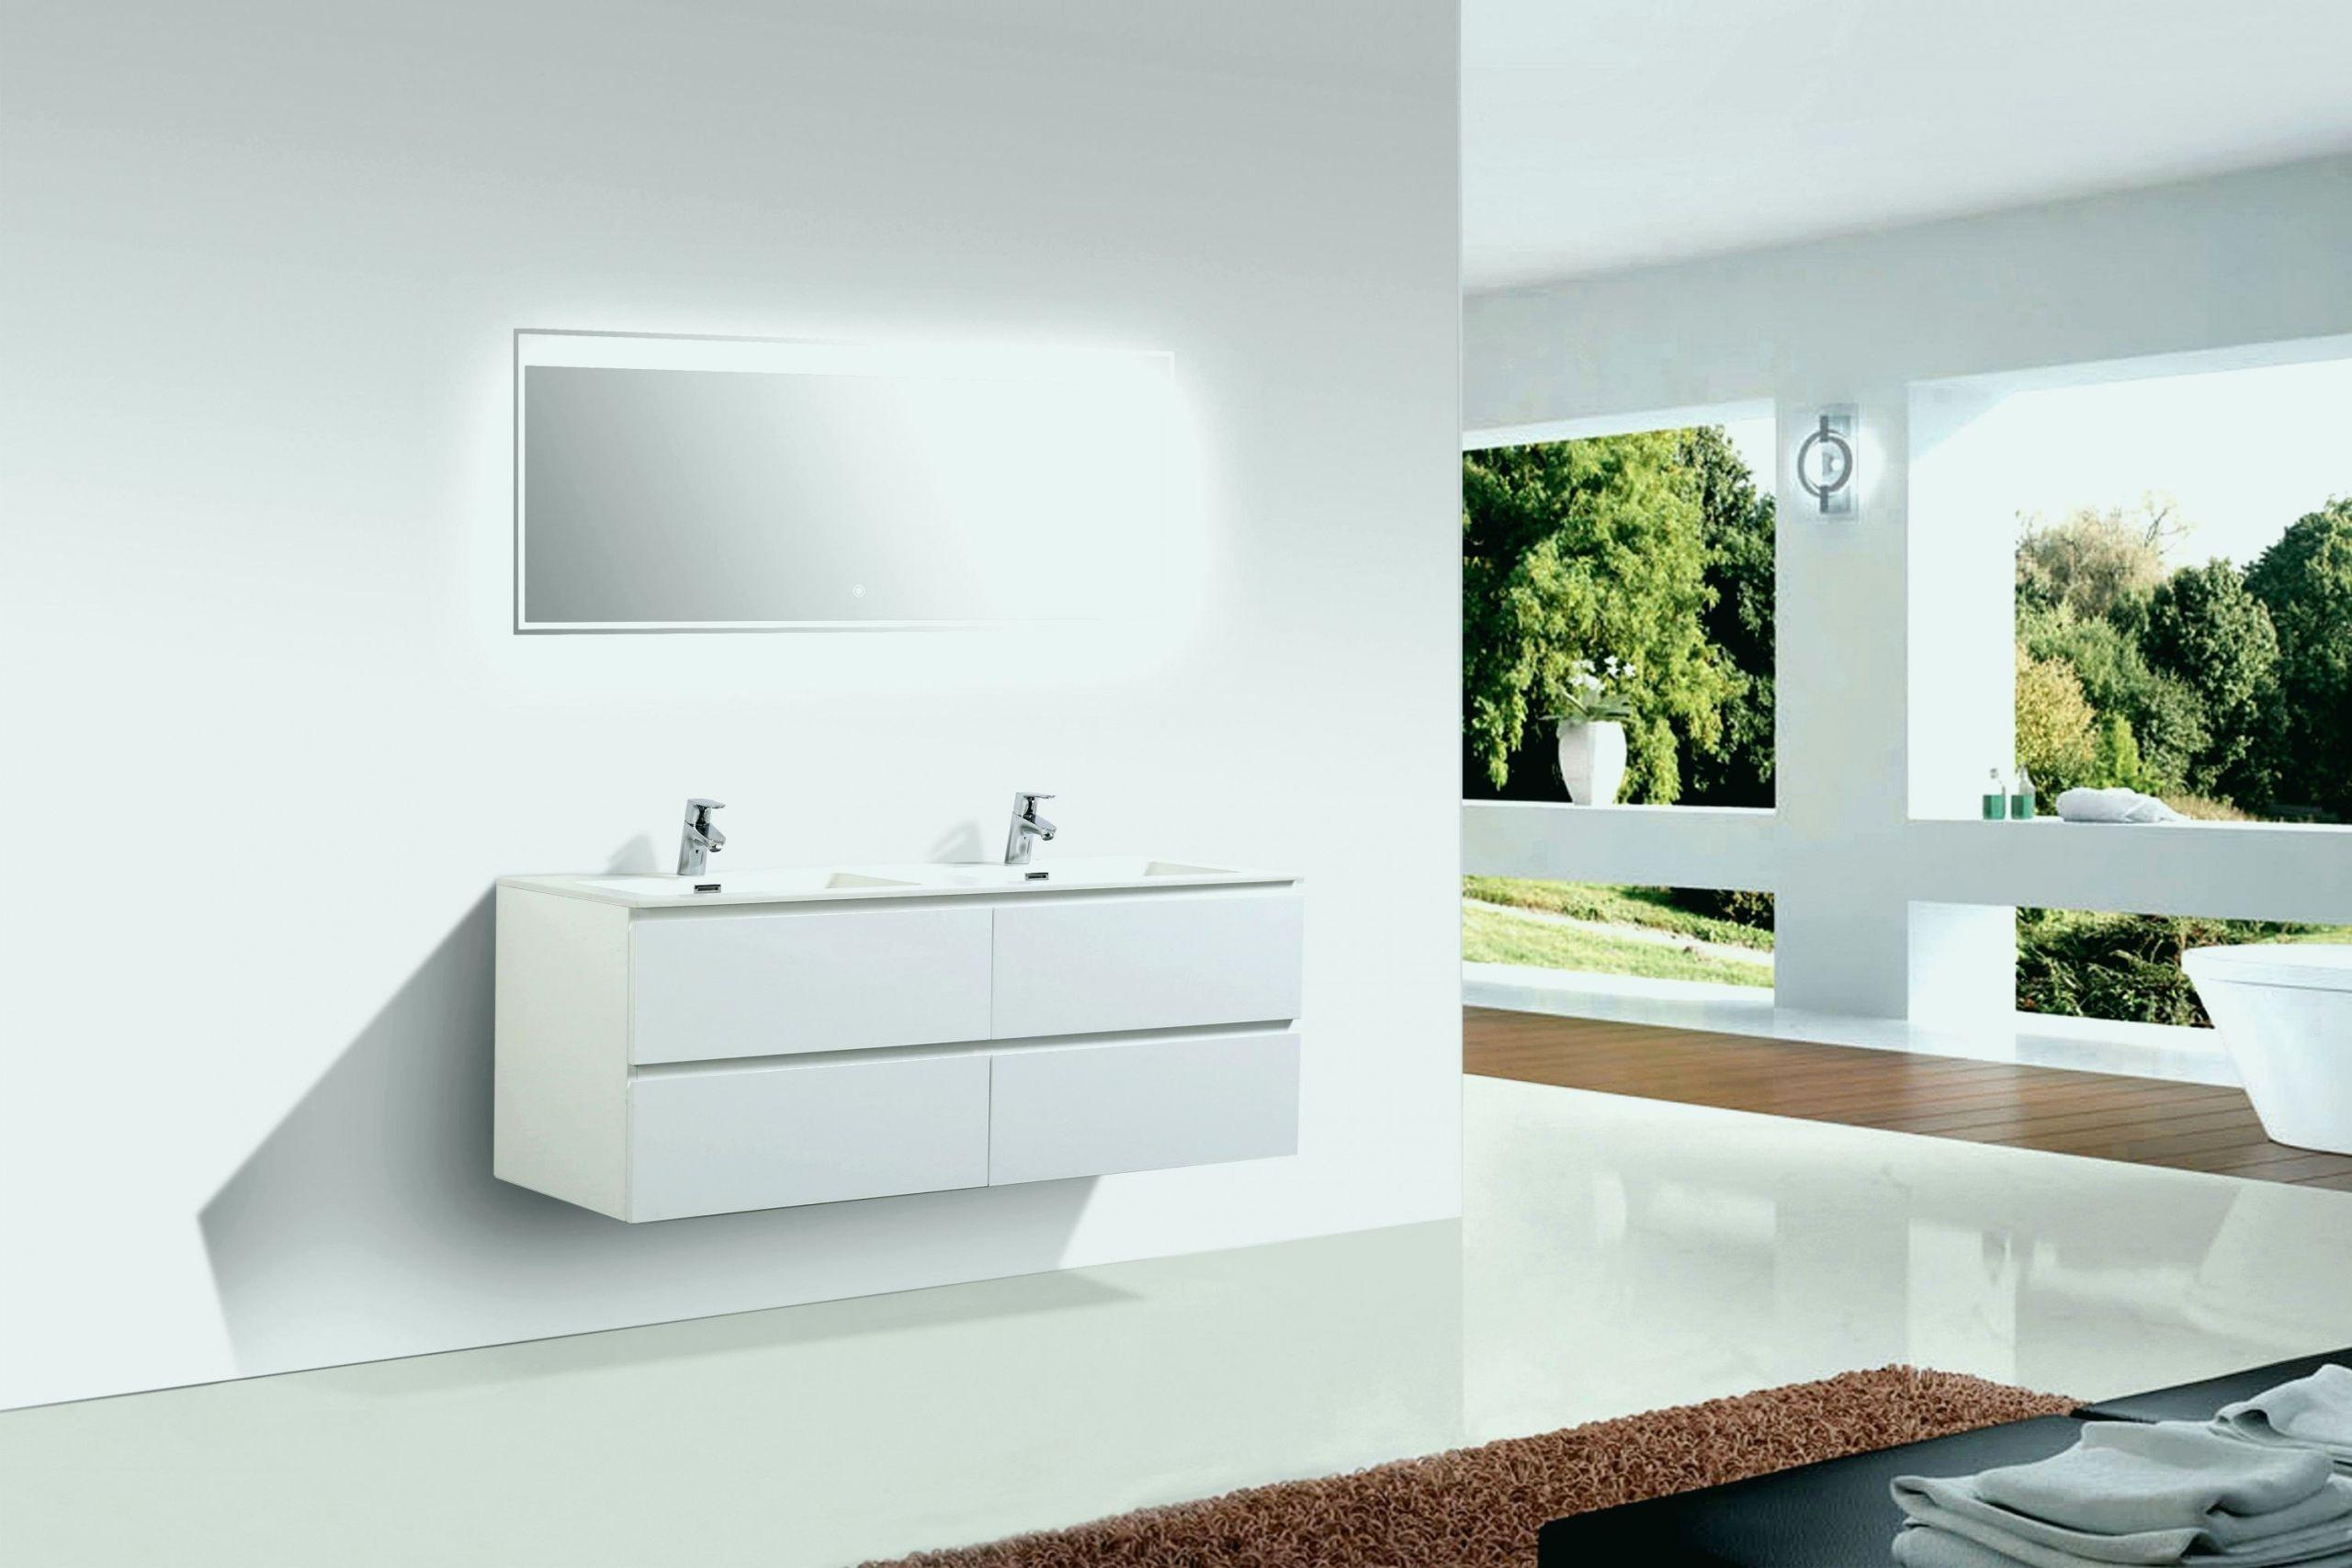 brico depot artigues elegant meuble salle de bain brico depot valence de brico depot artigues scaled